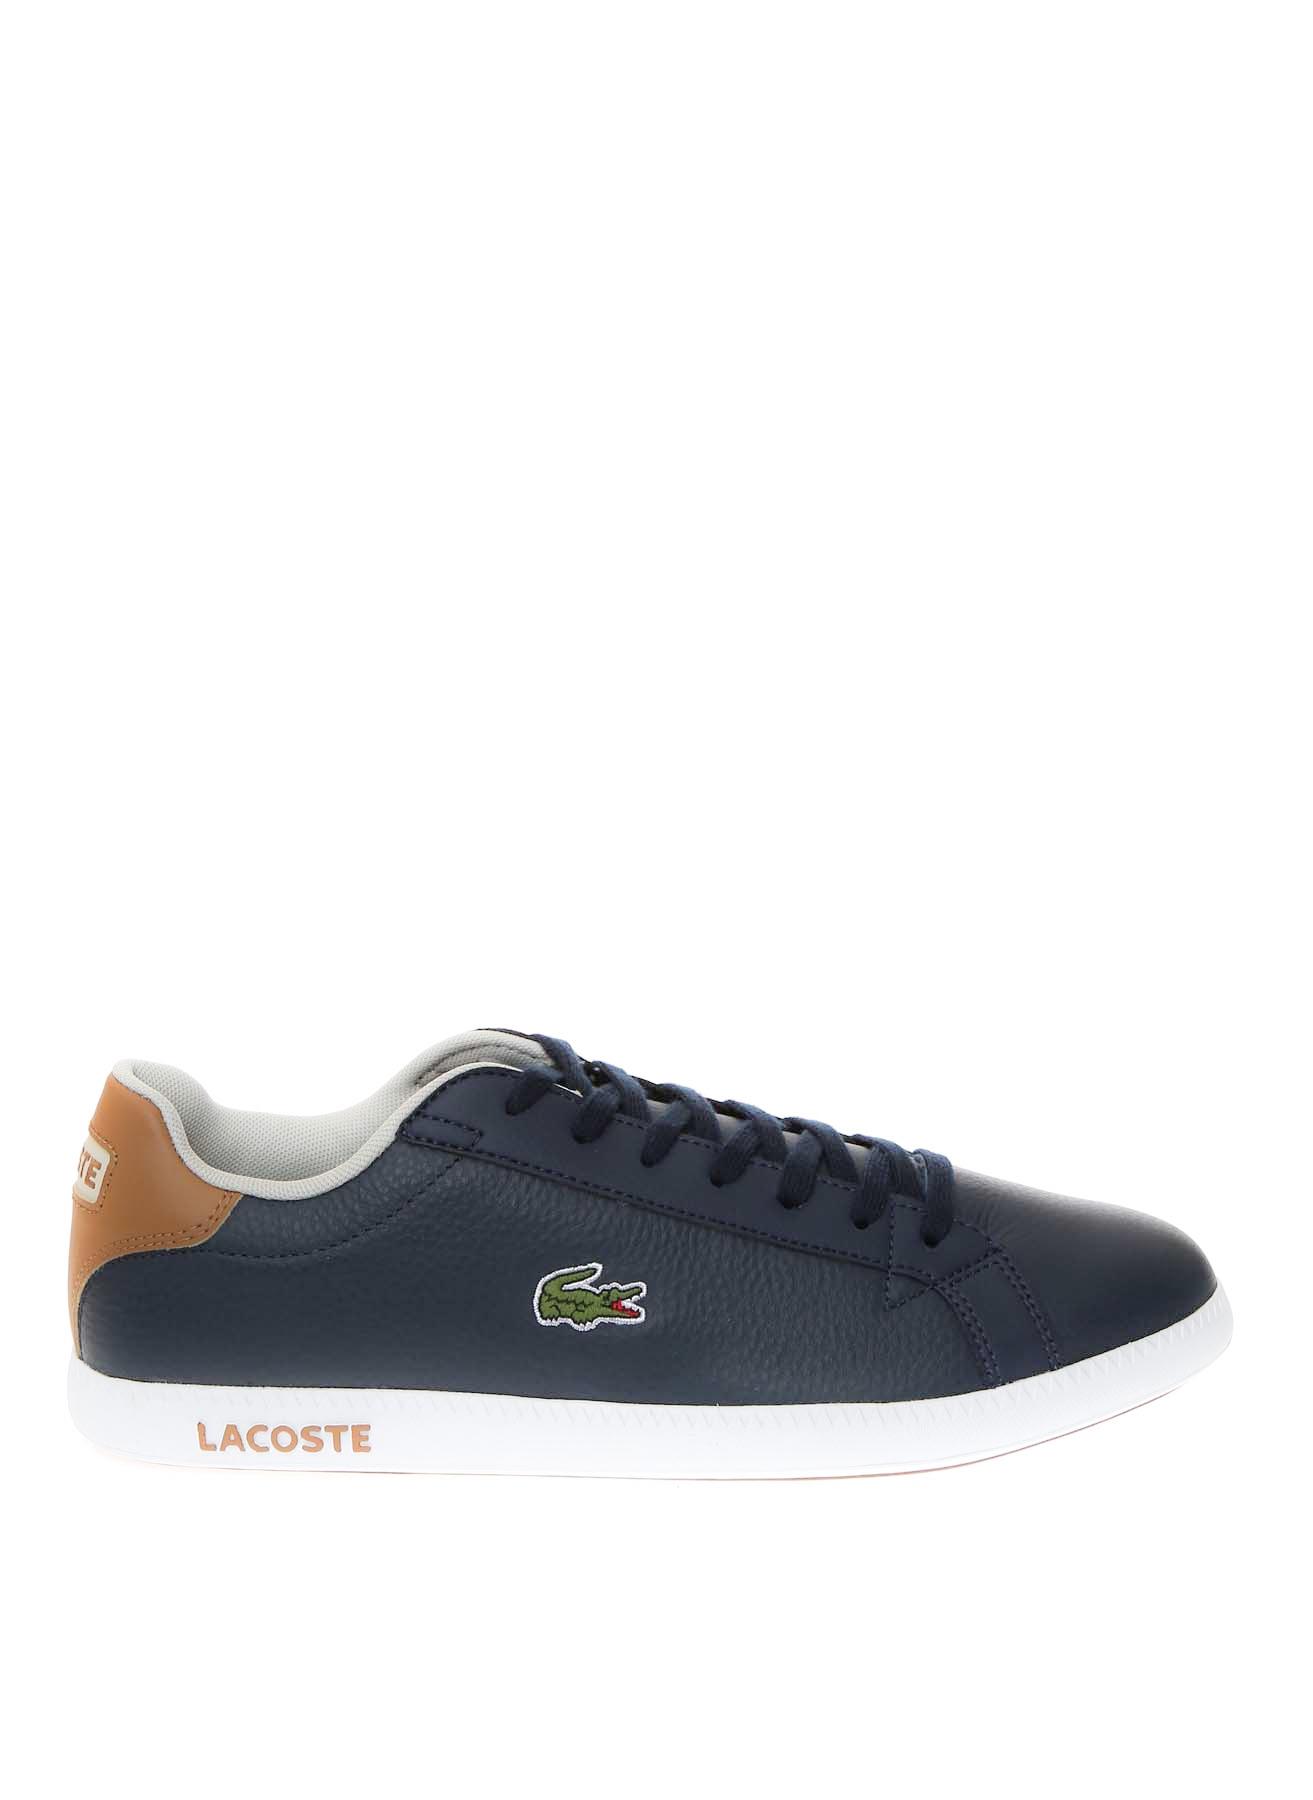 Lacoste Erkek Lacivert Lıfestyle Ayakkabı 43 5000203198005 Ürün Resmi